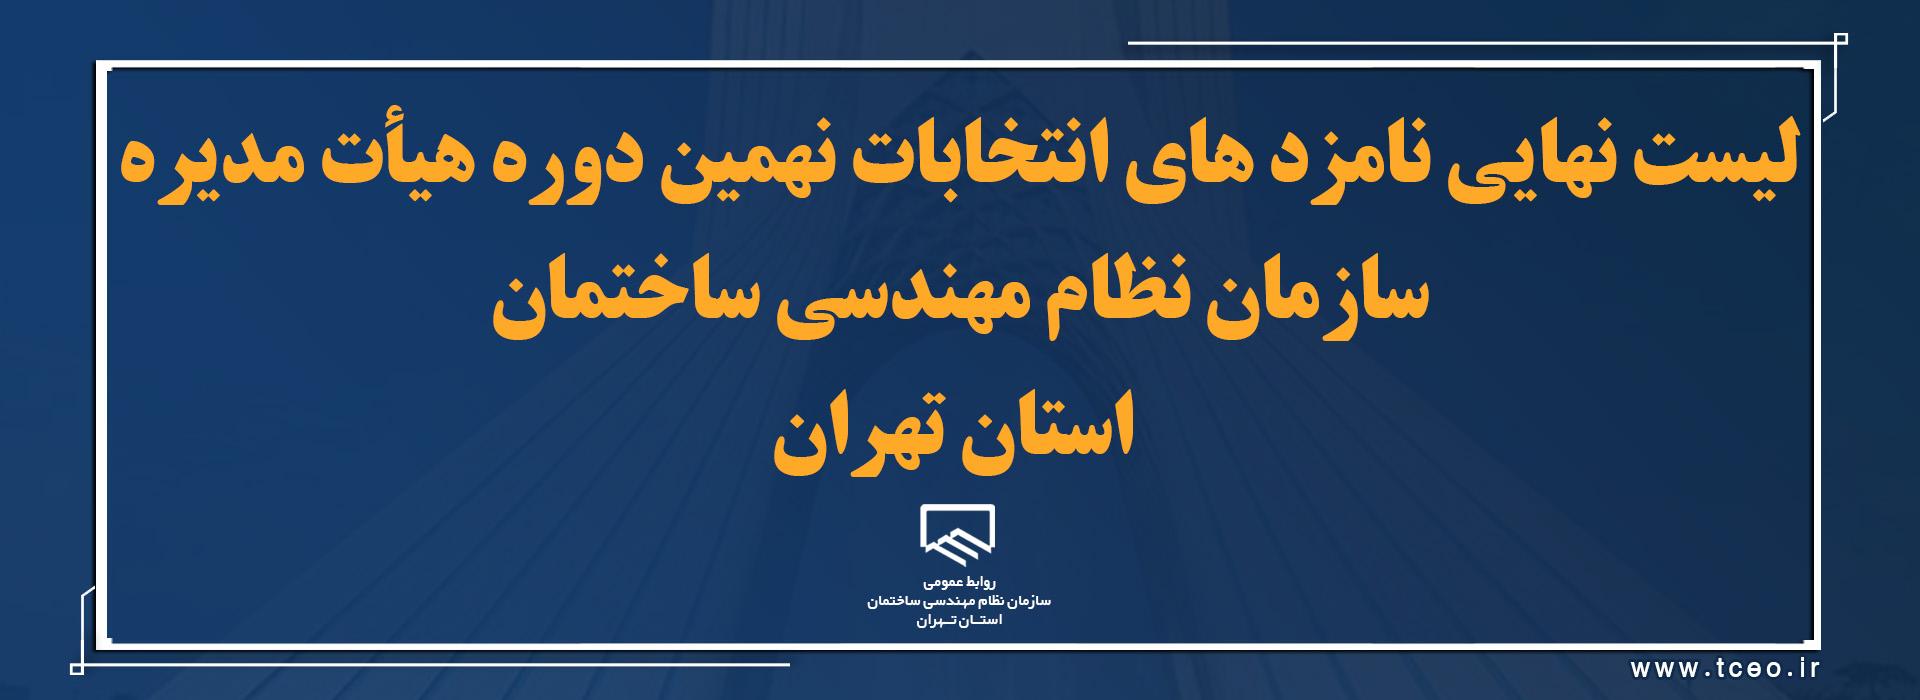 اعلام کاندیداها انتخابات نظام مهندسی ساختمان تهران